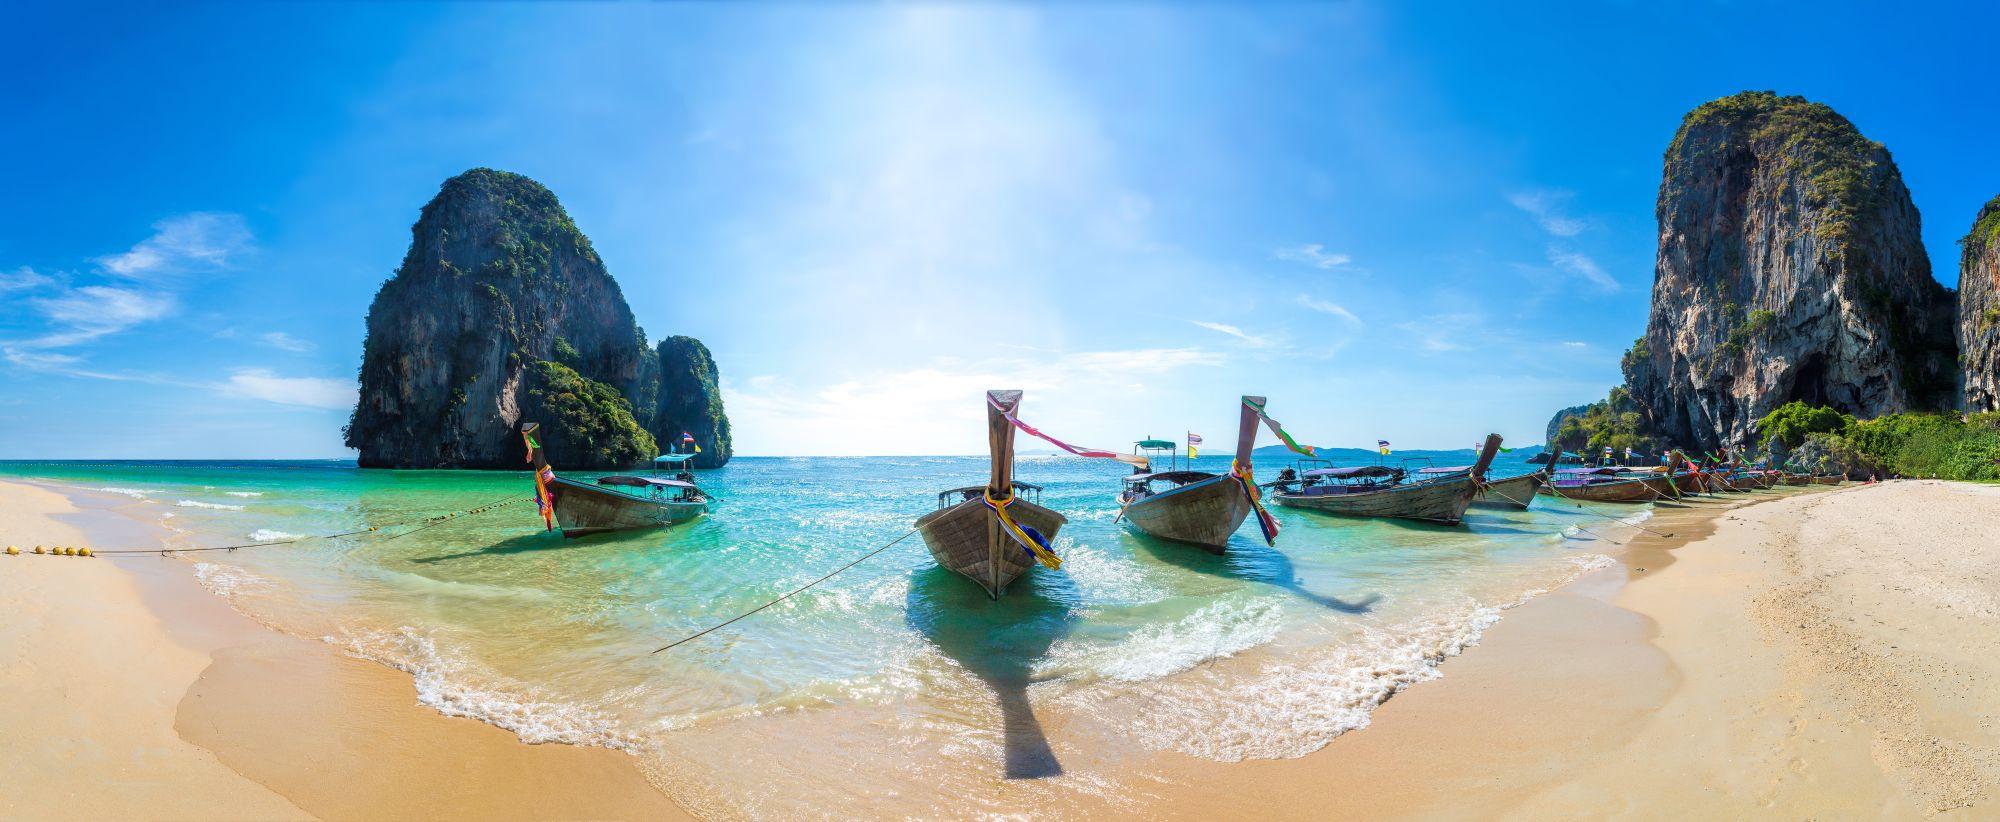 Thailand Krabi Ao Phra Nang beach